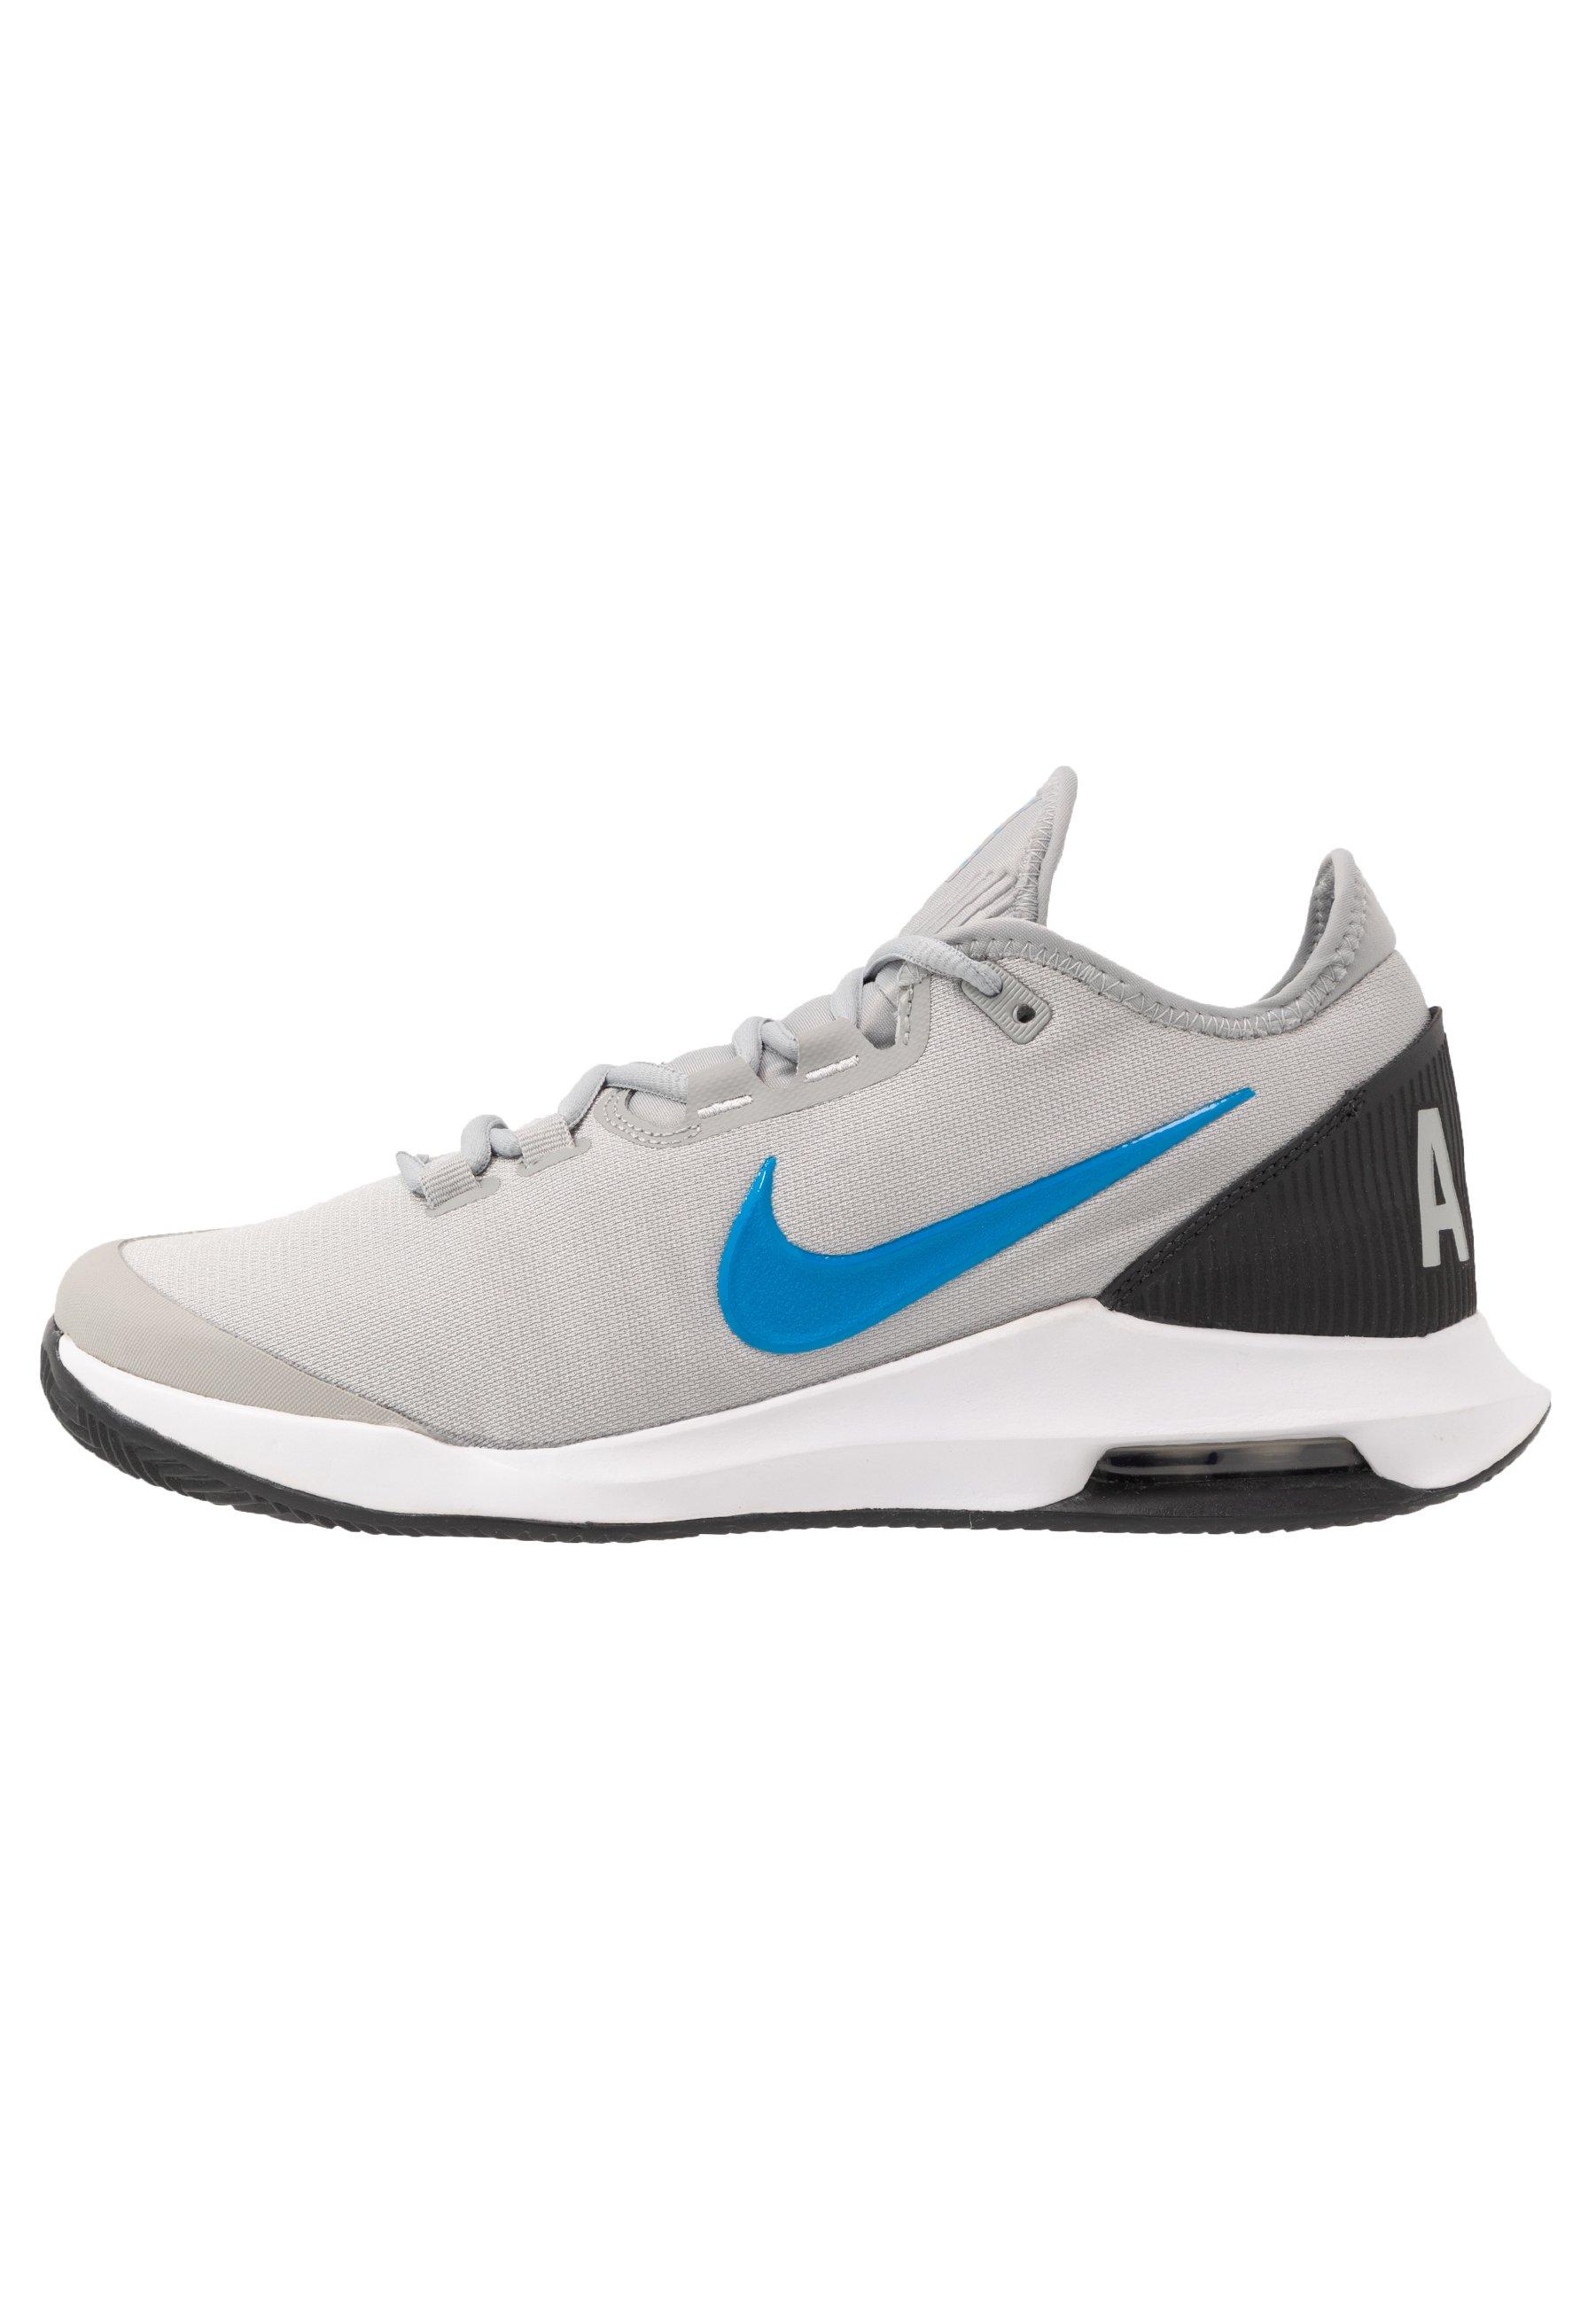 Chaussures de tennis homme | Tous les articles chez Zalando